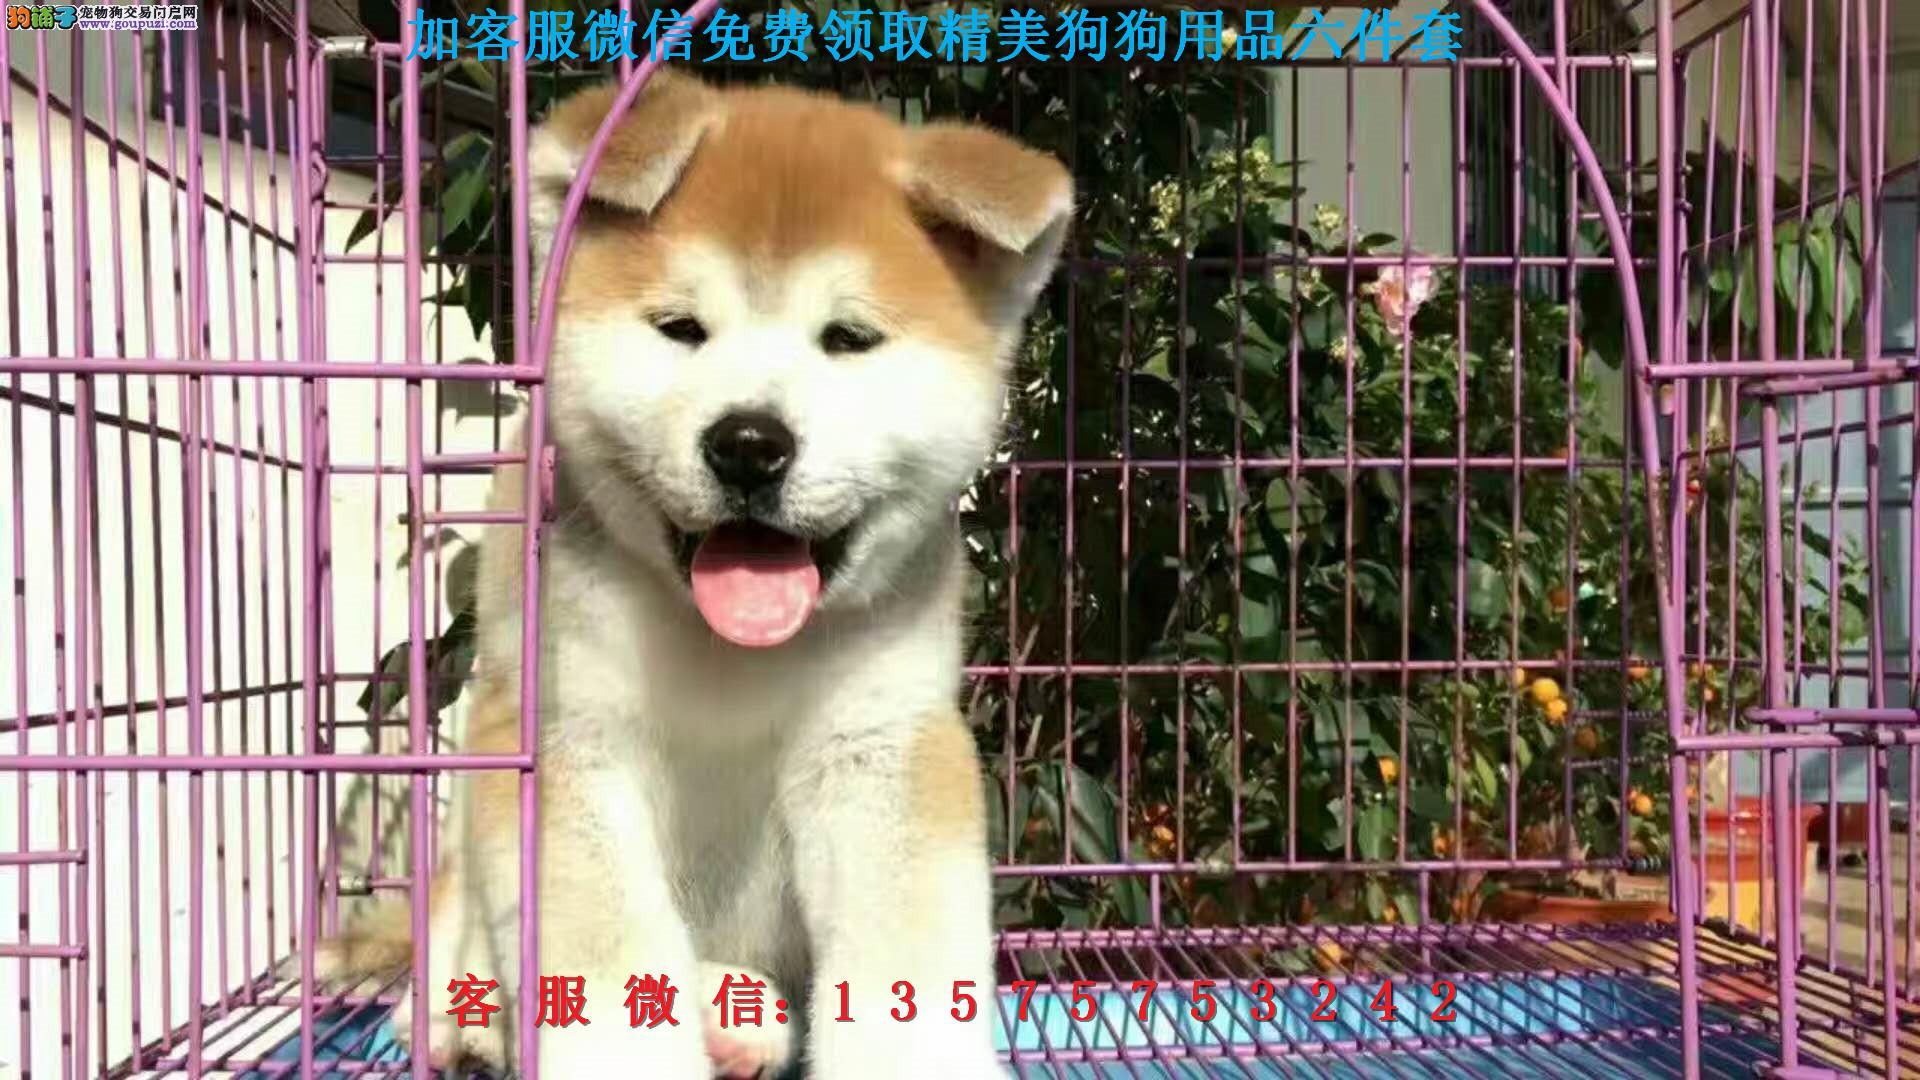 犬舍直销▎赛级秋田犬 ▎带出生纸血统证及疫苗本